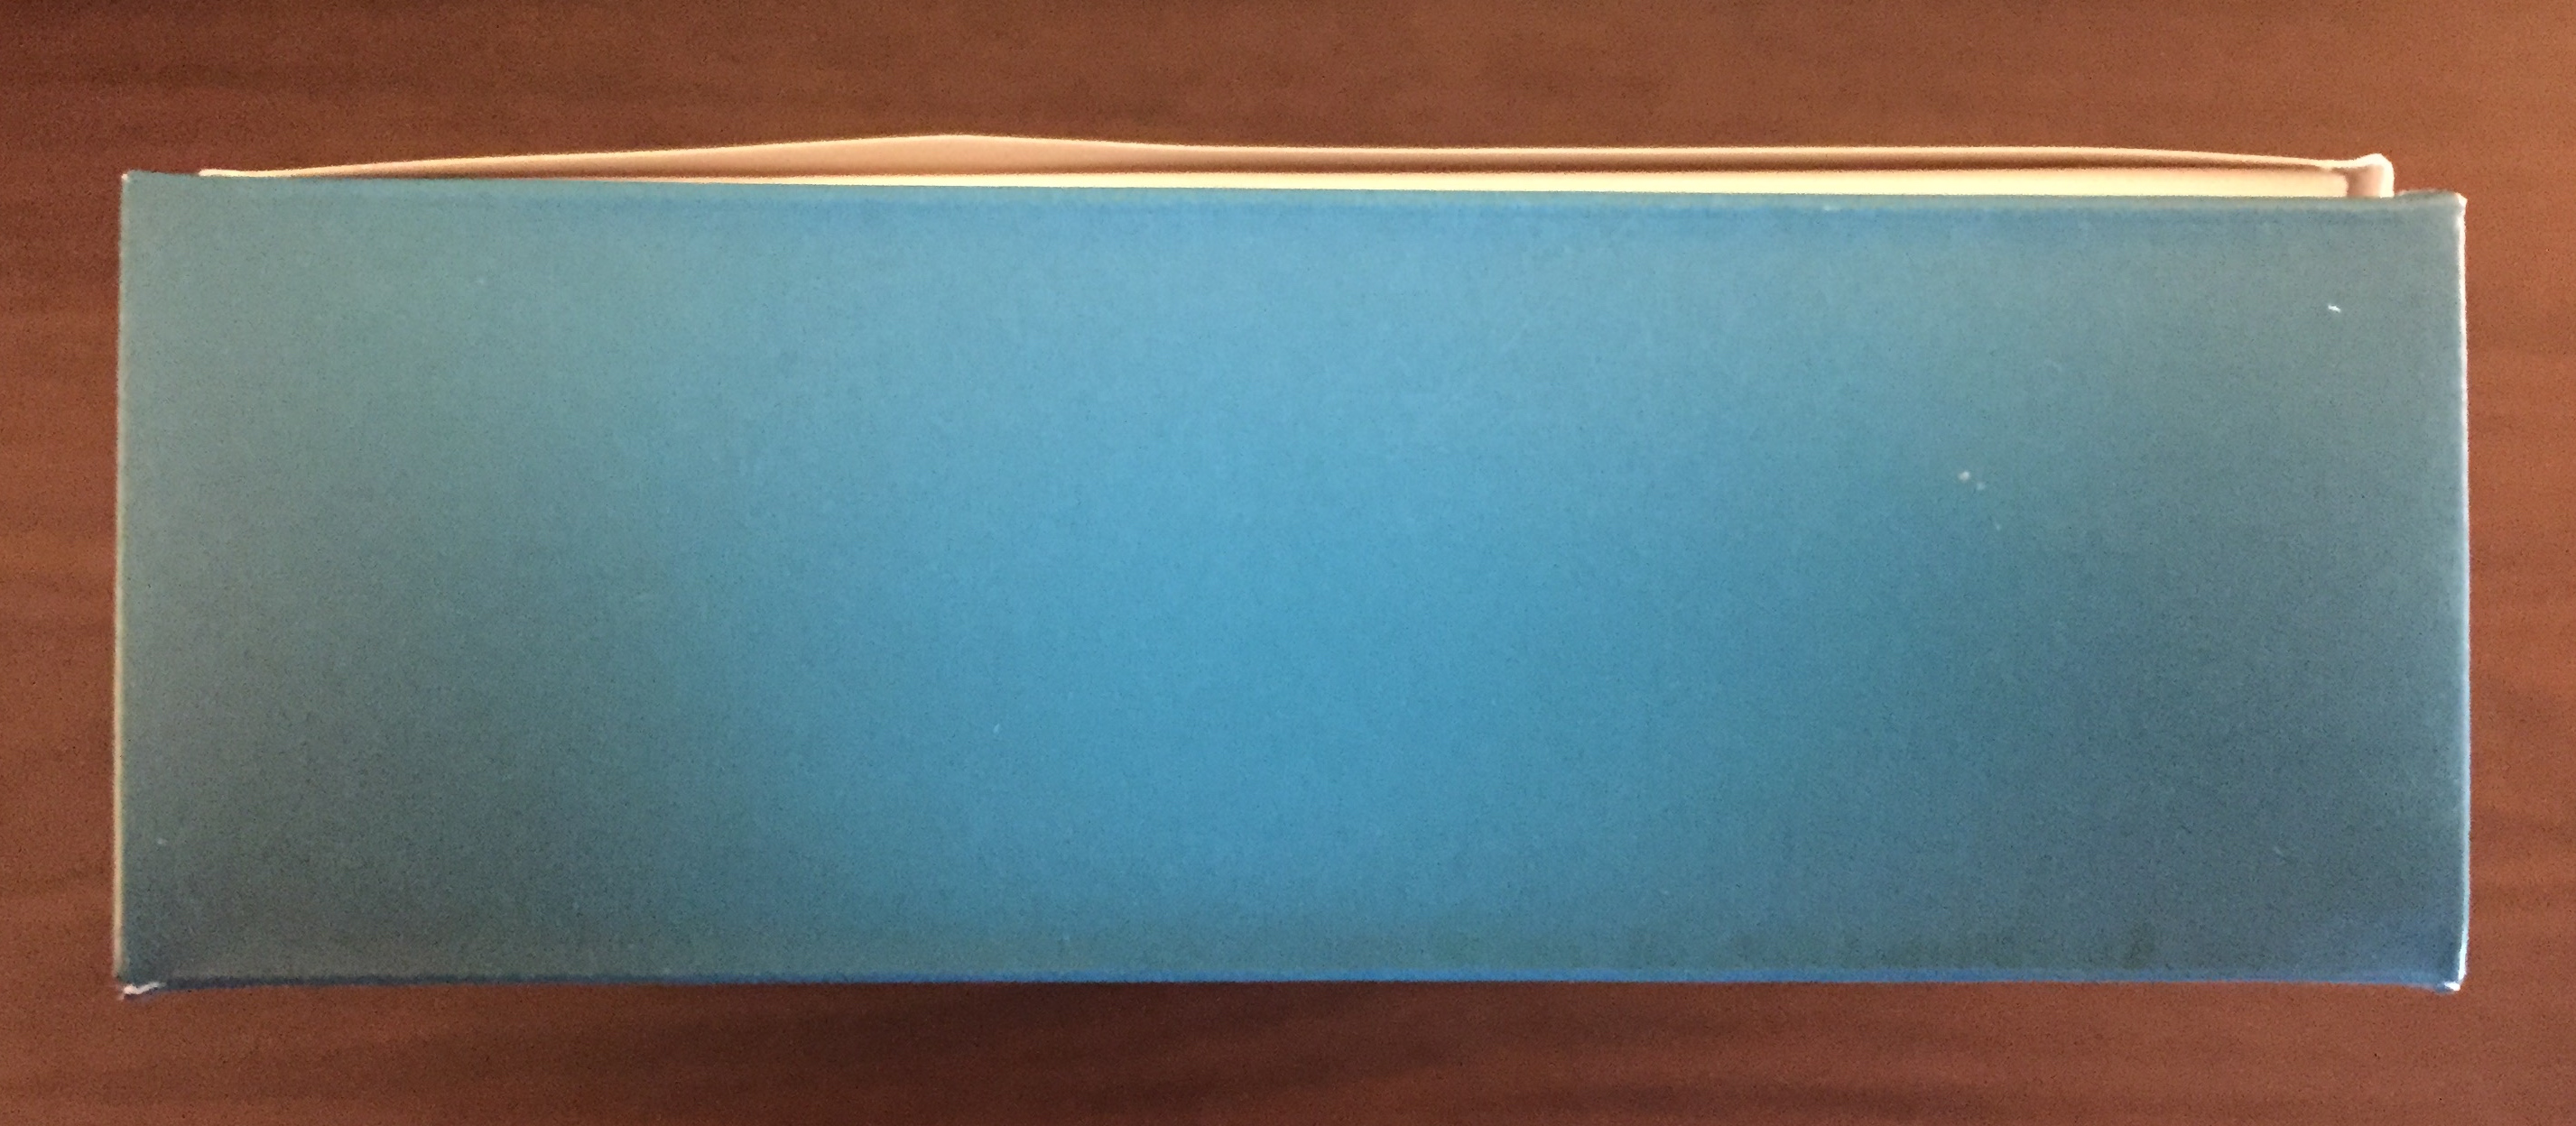 passholderbox-06